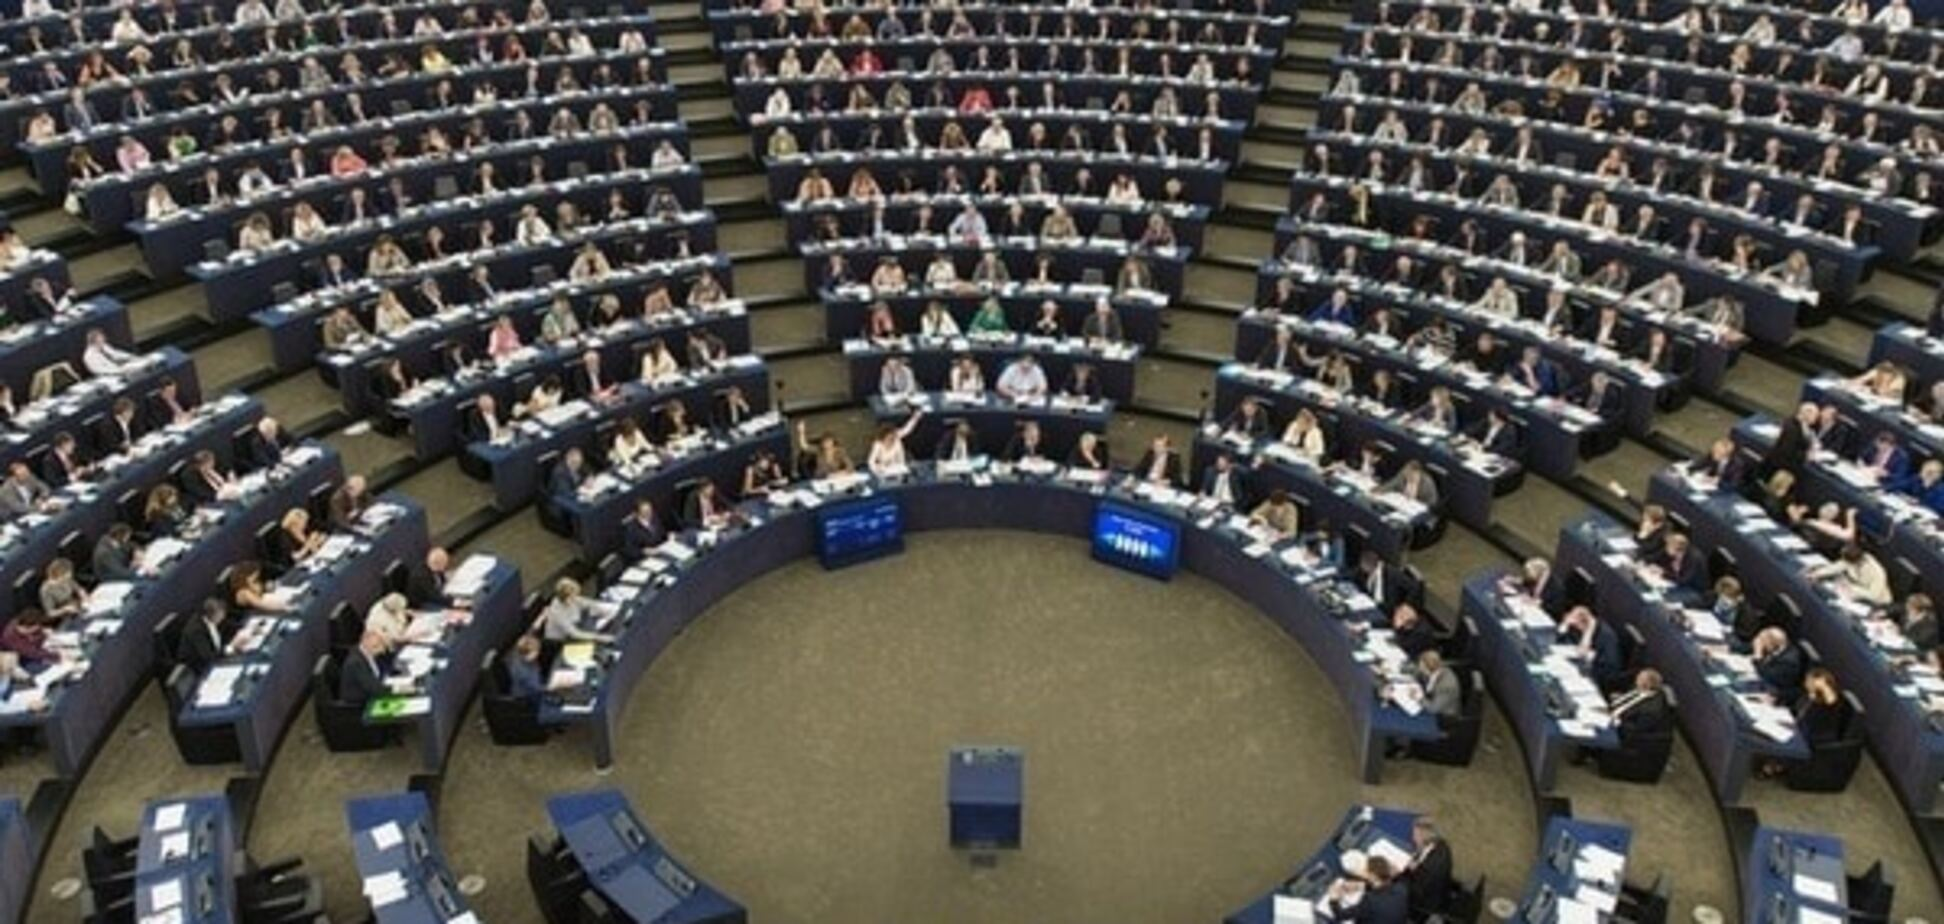 Европарламент отказался признавать выборы в Госдуму России на территории Крыма